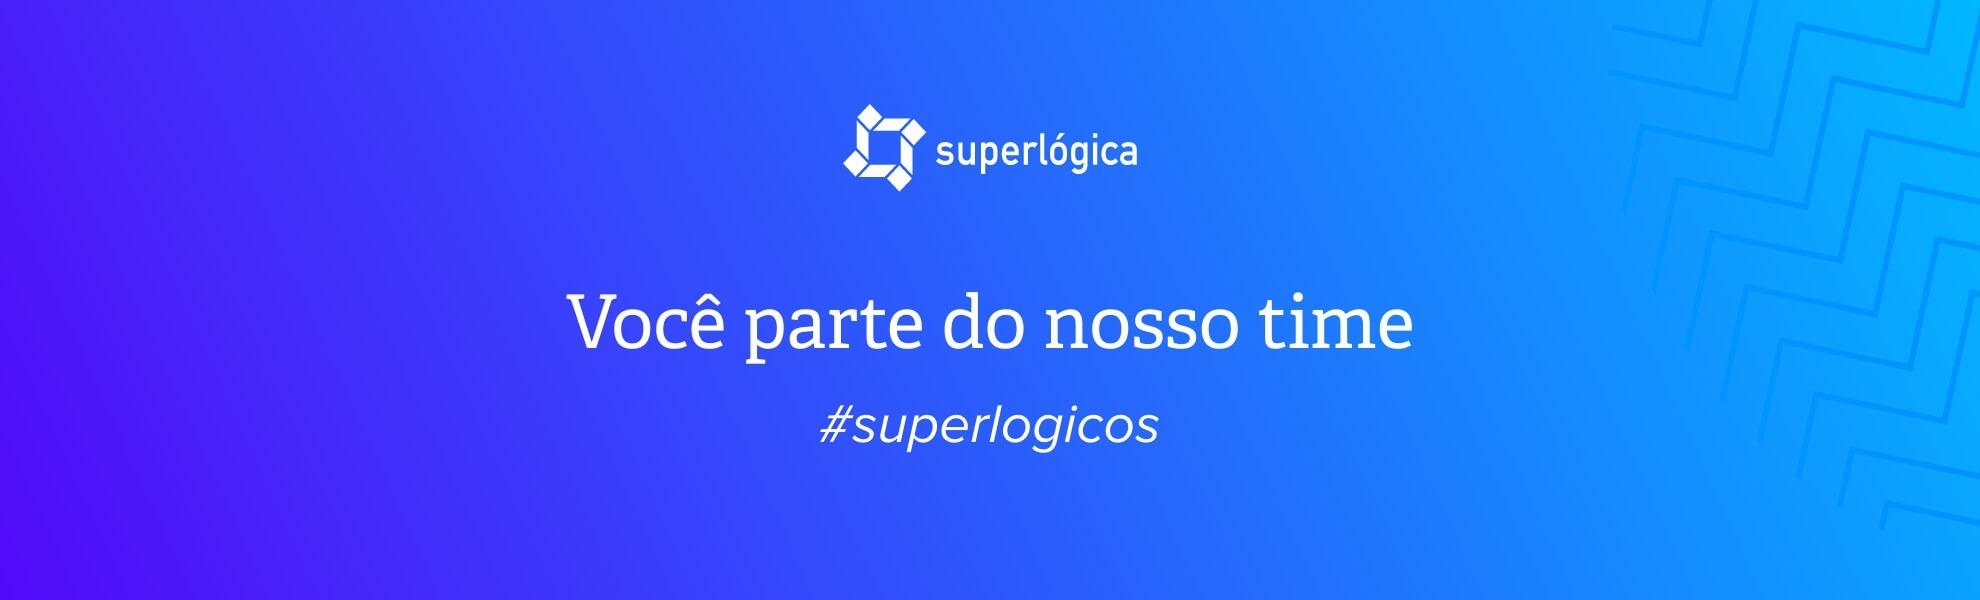 Analista de Sucesso do Cliente (CS) - Superlógica - Campinas/SP